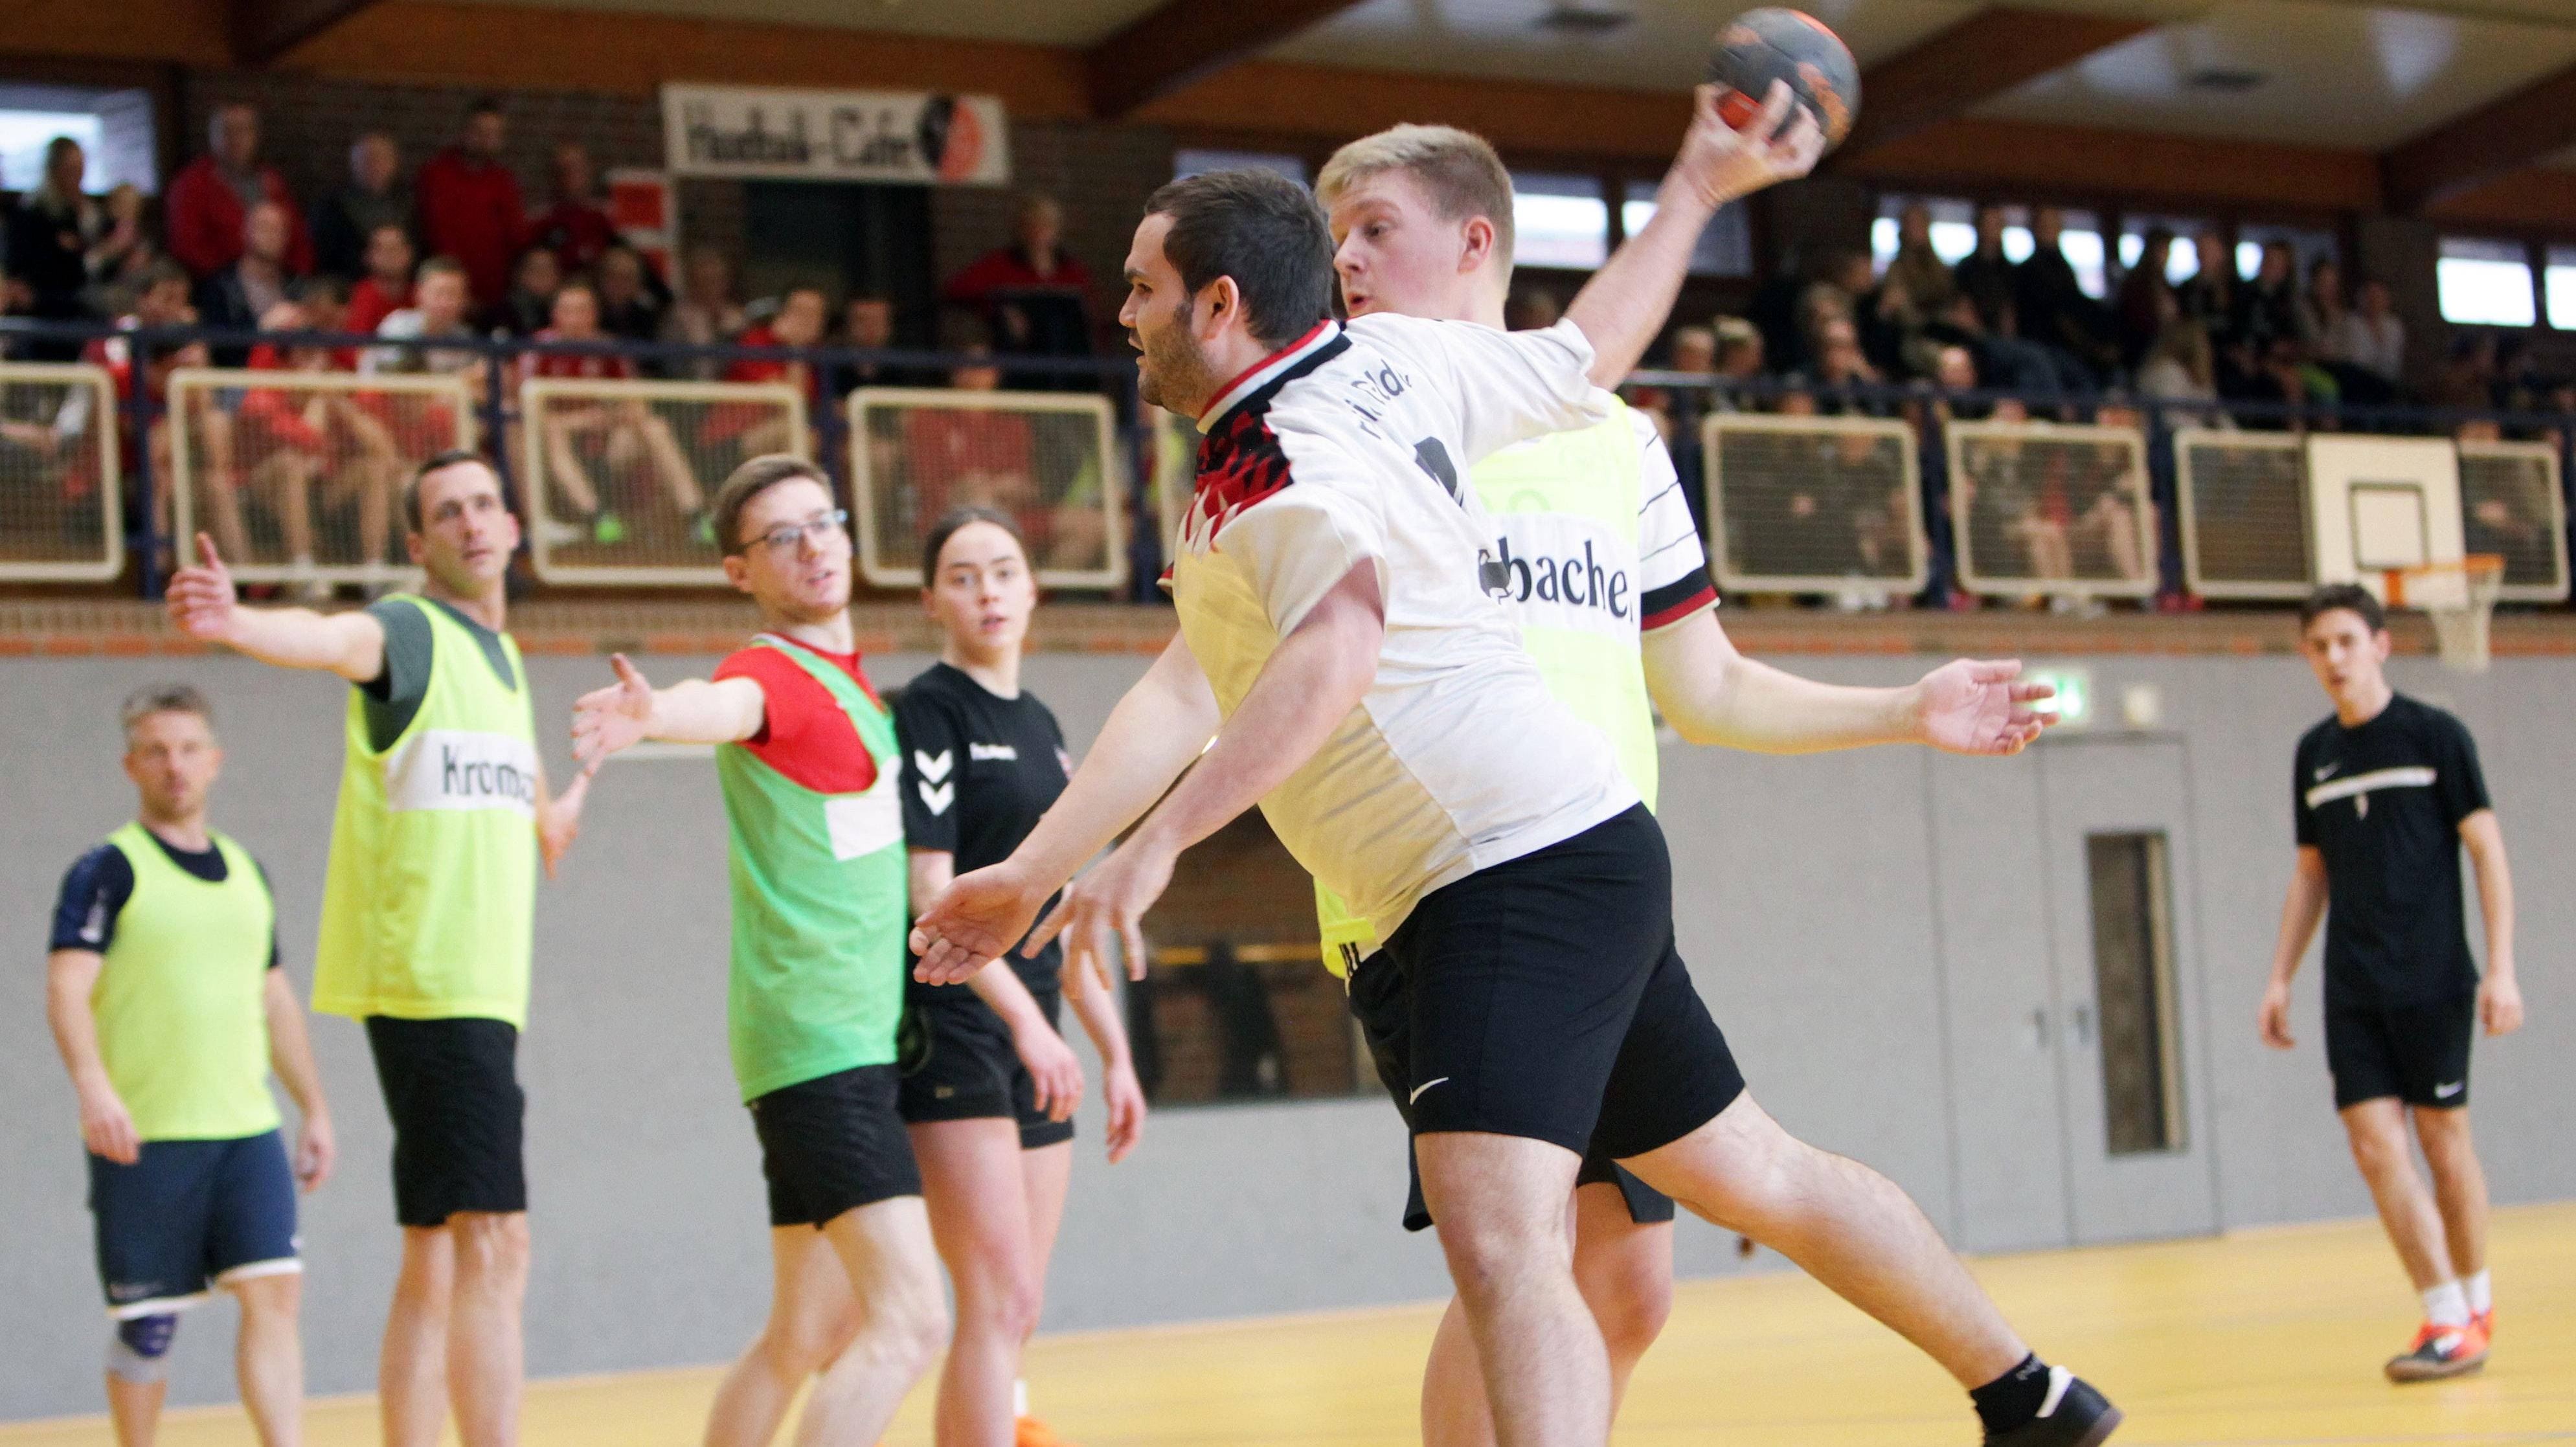 Bild aus alten Zeiten: Vor einem Jahr veranstaltete Goldenstedt das interne Turnier in der Handball-Version. Foto: Schikora